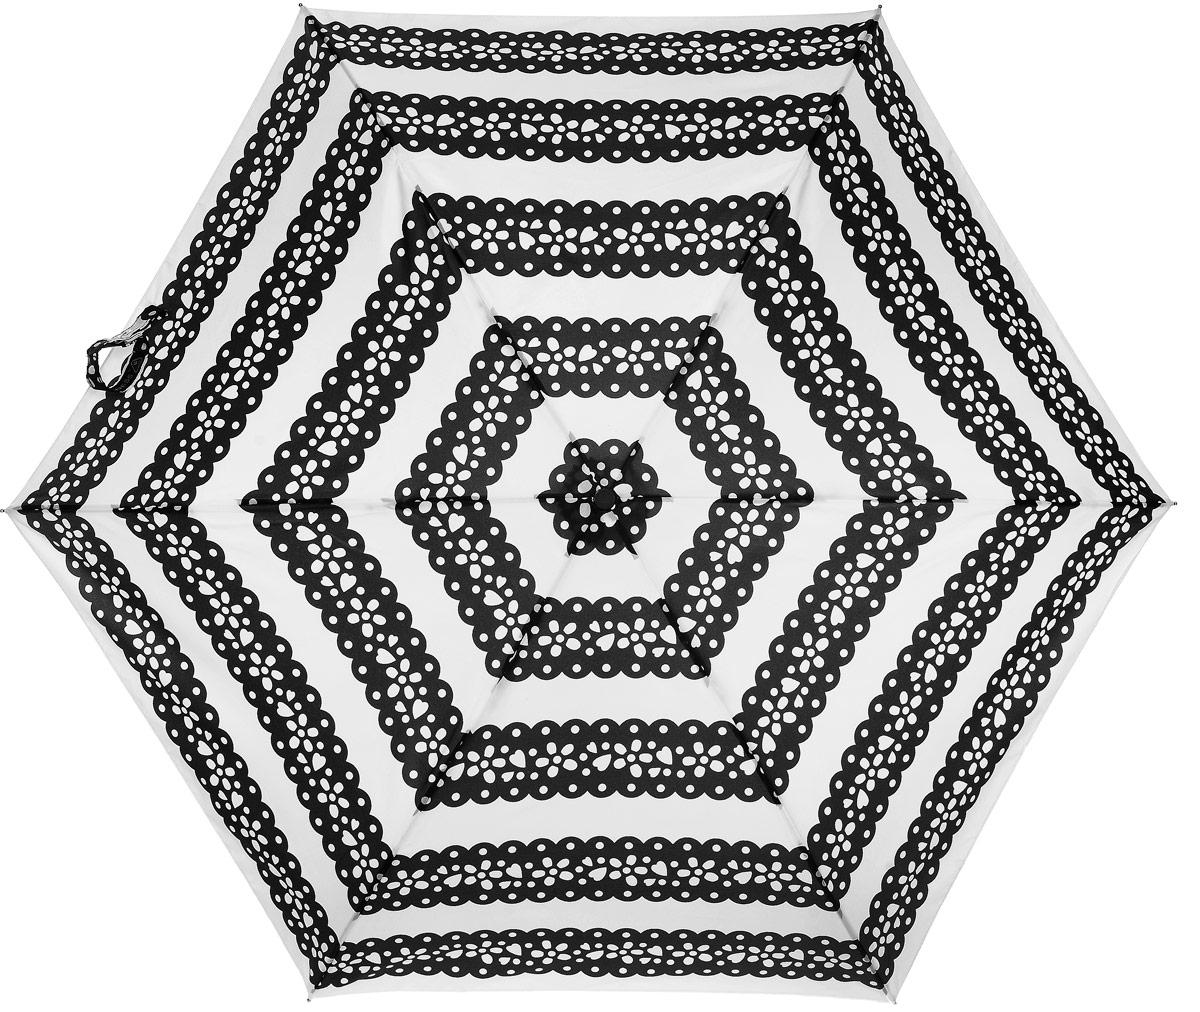 Зонт женский Lulu Guinness Superslim, механический, 3 сложения, цвет: черный, белый. L718-2959L718-2959 MexicanCutOutСтильный механический зонт Lulu Guinness Superslim в 3 сложения даже в ненастную погоду позволит вам оставаться элегантной. Каркас зонта выполнен из 6 спиц из фибергласса и алюминия, стержень также изготовлен из алюминия, удобная рукоятка - из пластика. Купол зонта выполнен из прочного полиэстера. В закрытом виде застегивается хлястиком на кнопке. Яркий оригинальный орнамент поднимет настроение в дождливый день. Зонт механического сложения: купол открывается и закрывается вручную до характерного щелчка. На рукоятке для удобства есть небольшой шнурок, позволяющий надеть зонт на руку тогда, когда это будет необходимо. К зонту прилагается чехол, который оформлен нашивкой с названием бренда. Такой зонт компактно располагается в кармане, сумочке, дверке автомобиля.